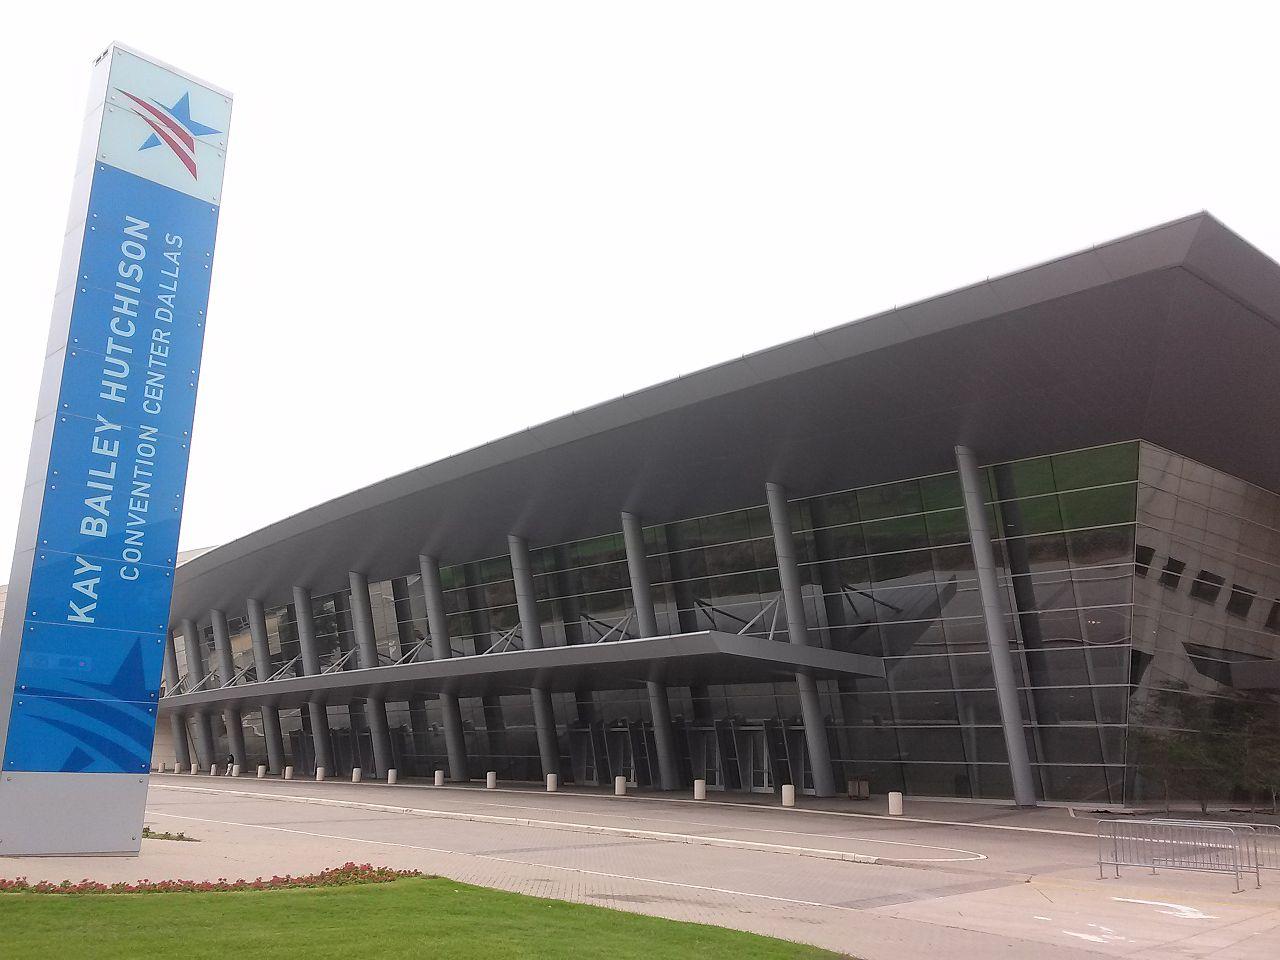 1280px-Palacio_de_Convenciones_en_Dallas.jpg